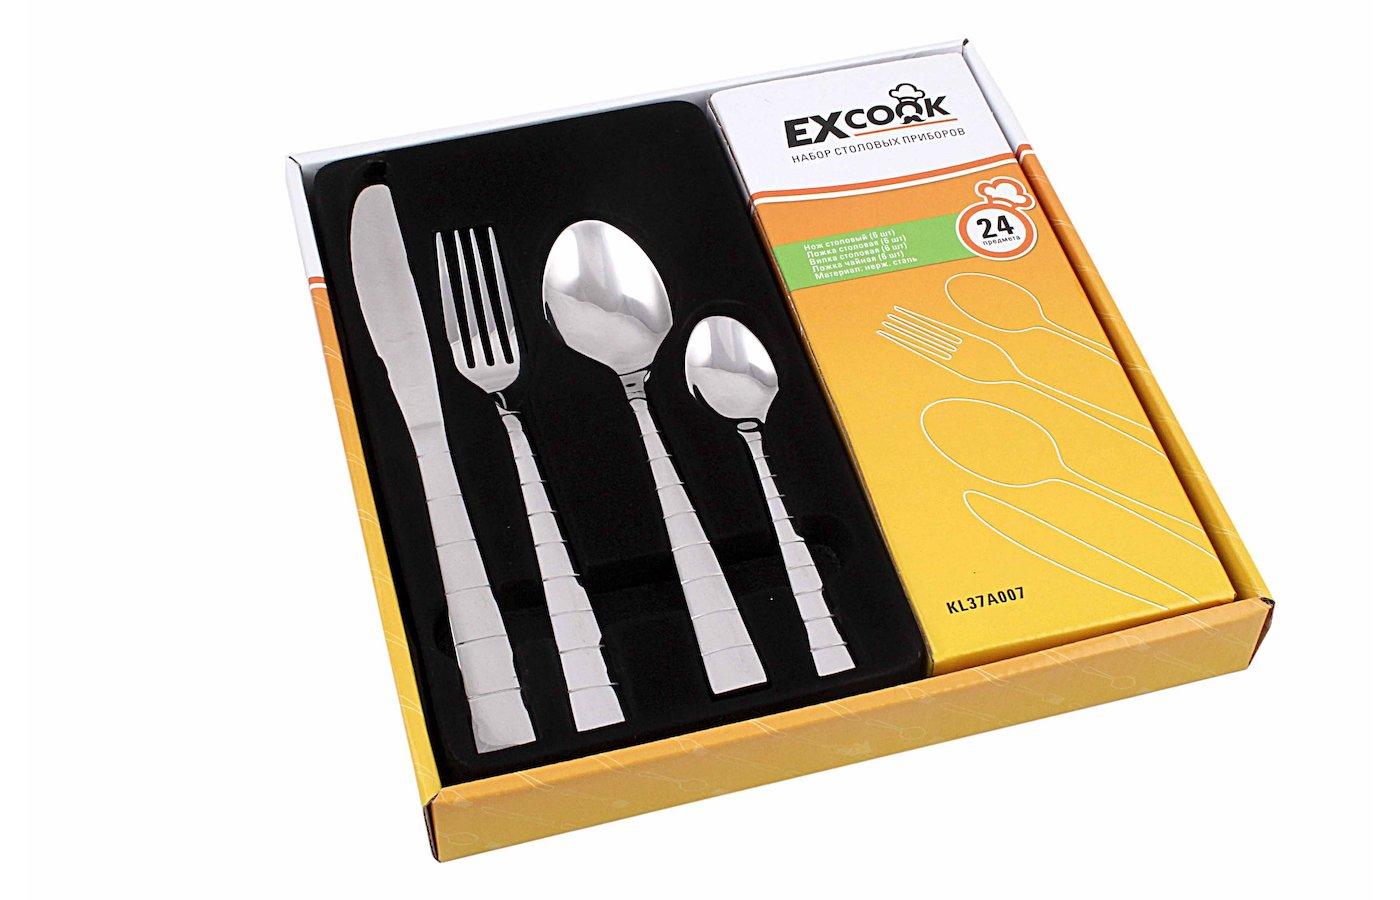 Набор столовых приборов EXCOOK KL37A007 24пр